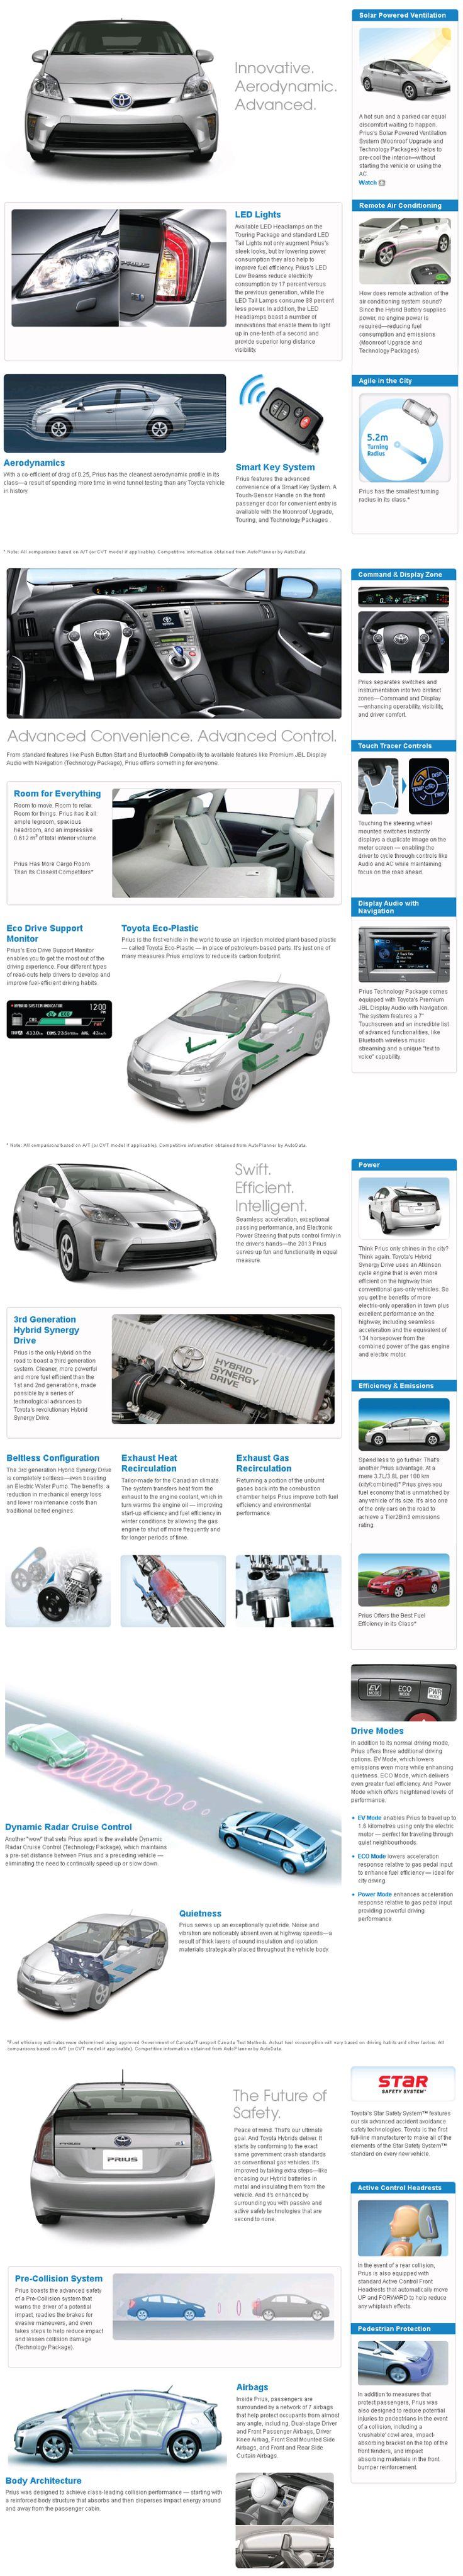 2013 prius features